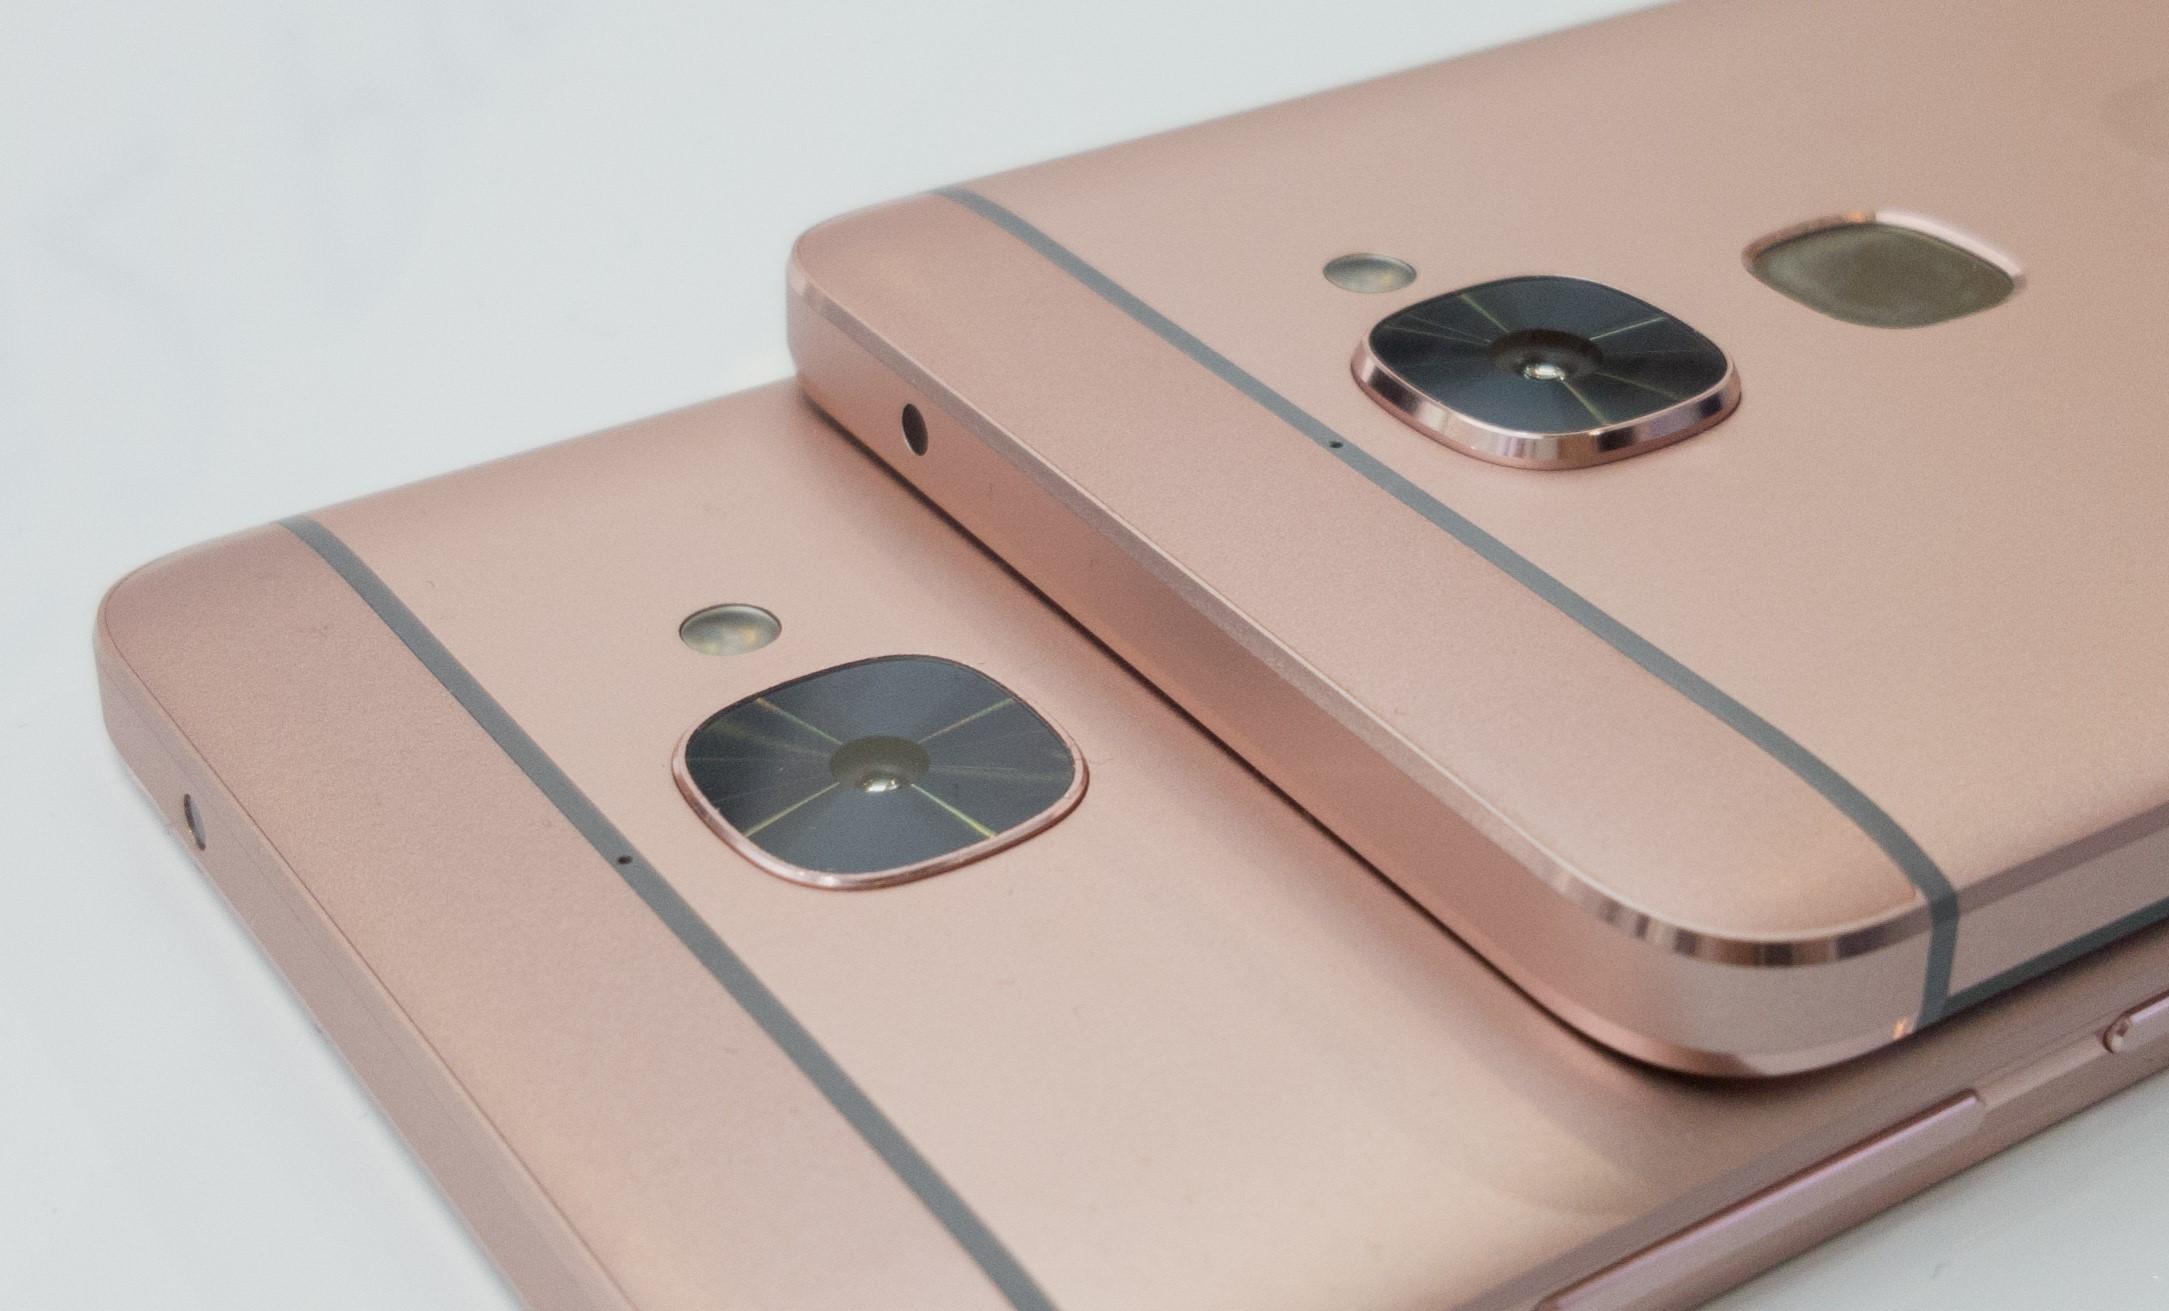 Рис. 20. Самый мощный из бюджетных смартфонов, LeEco X620 Le2 32GB.